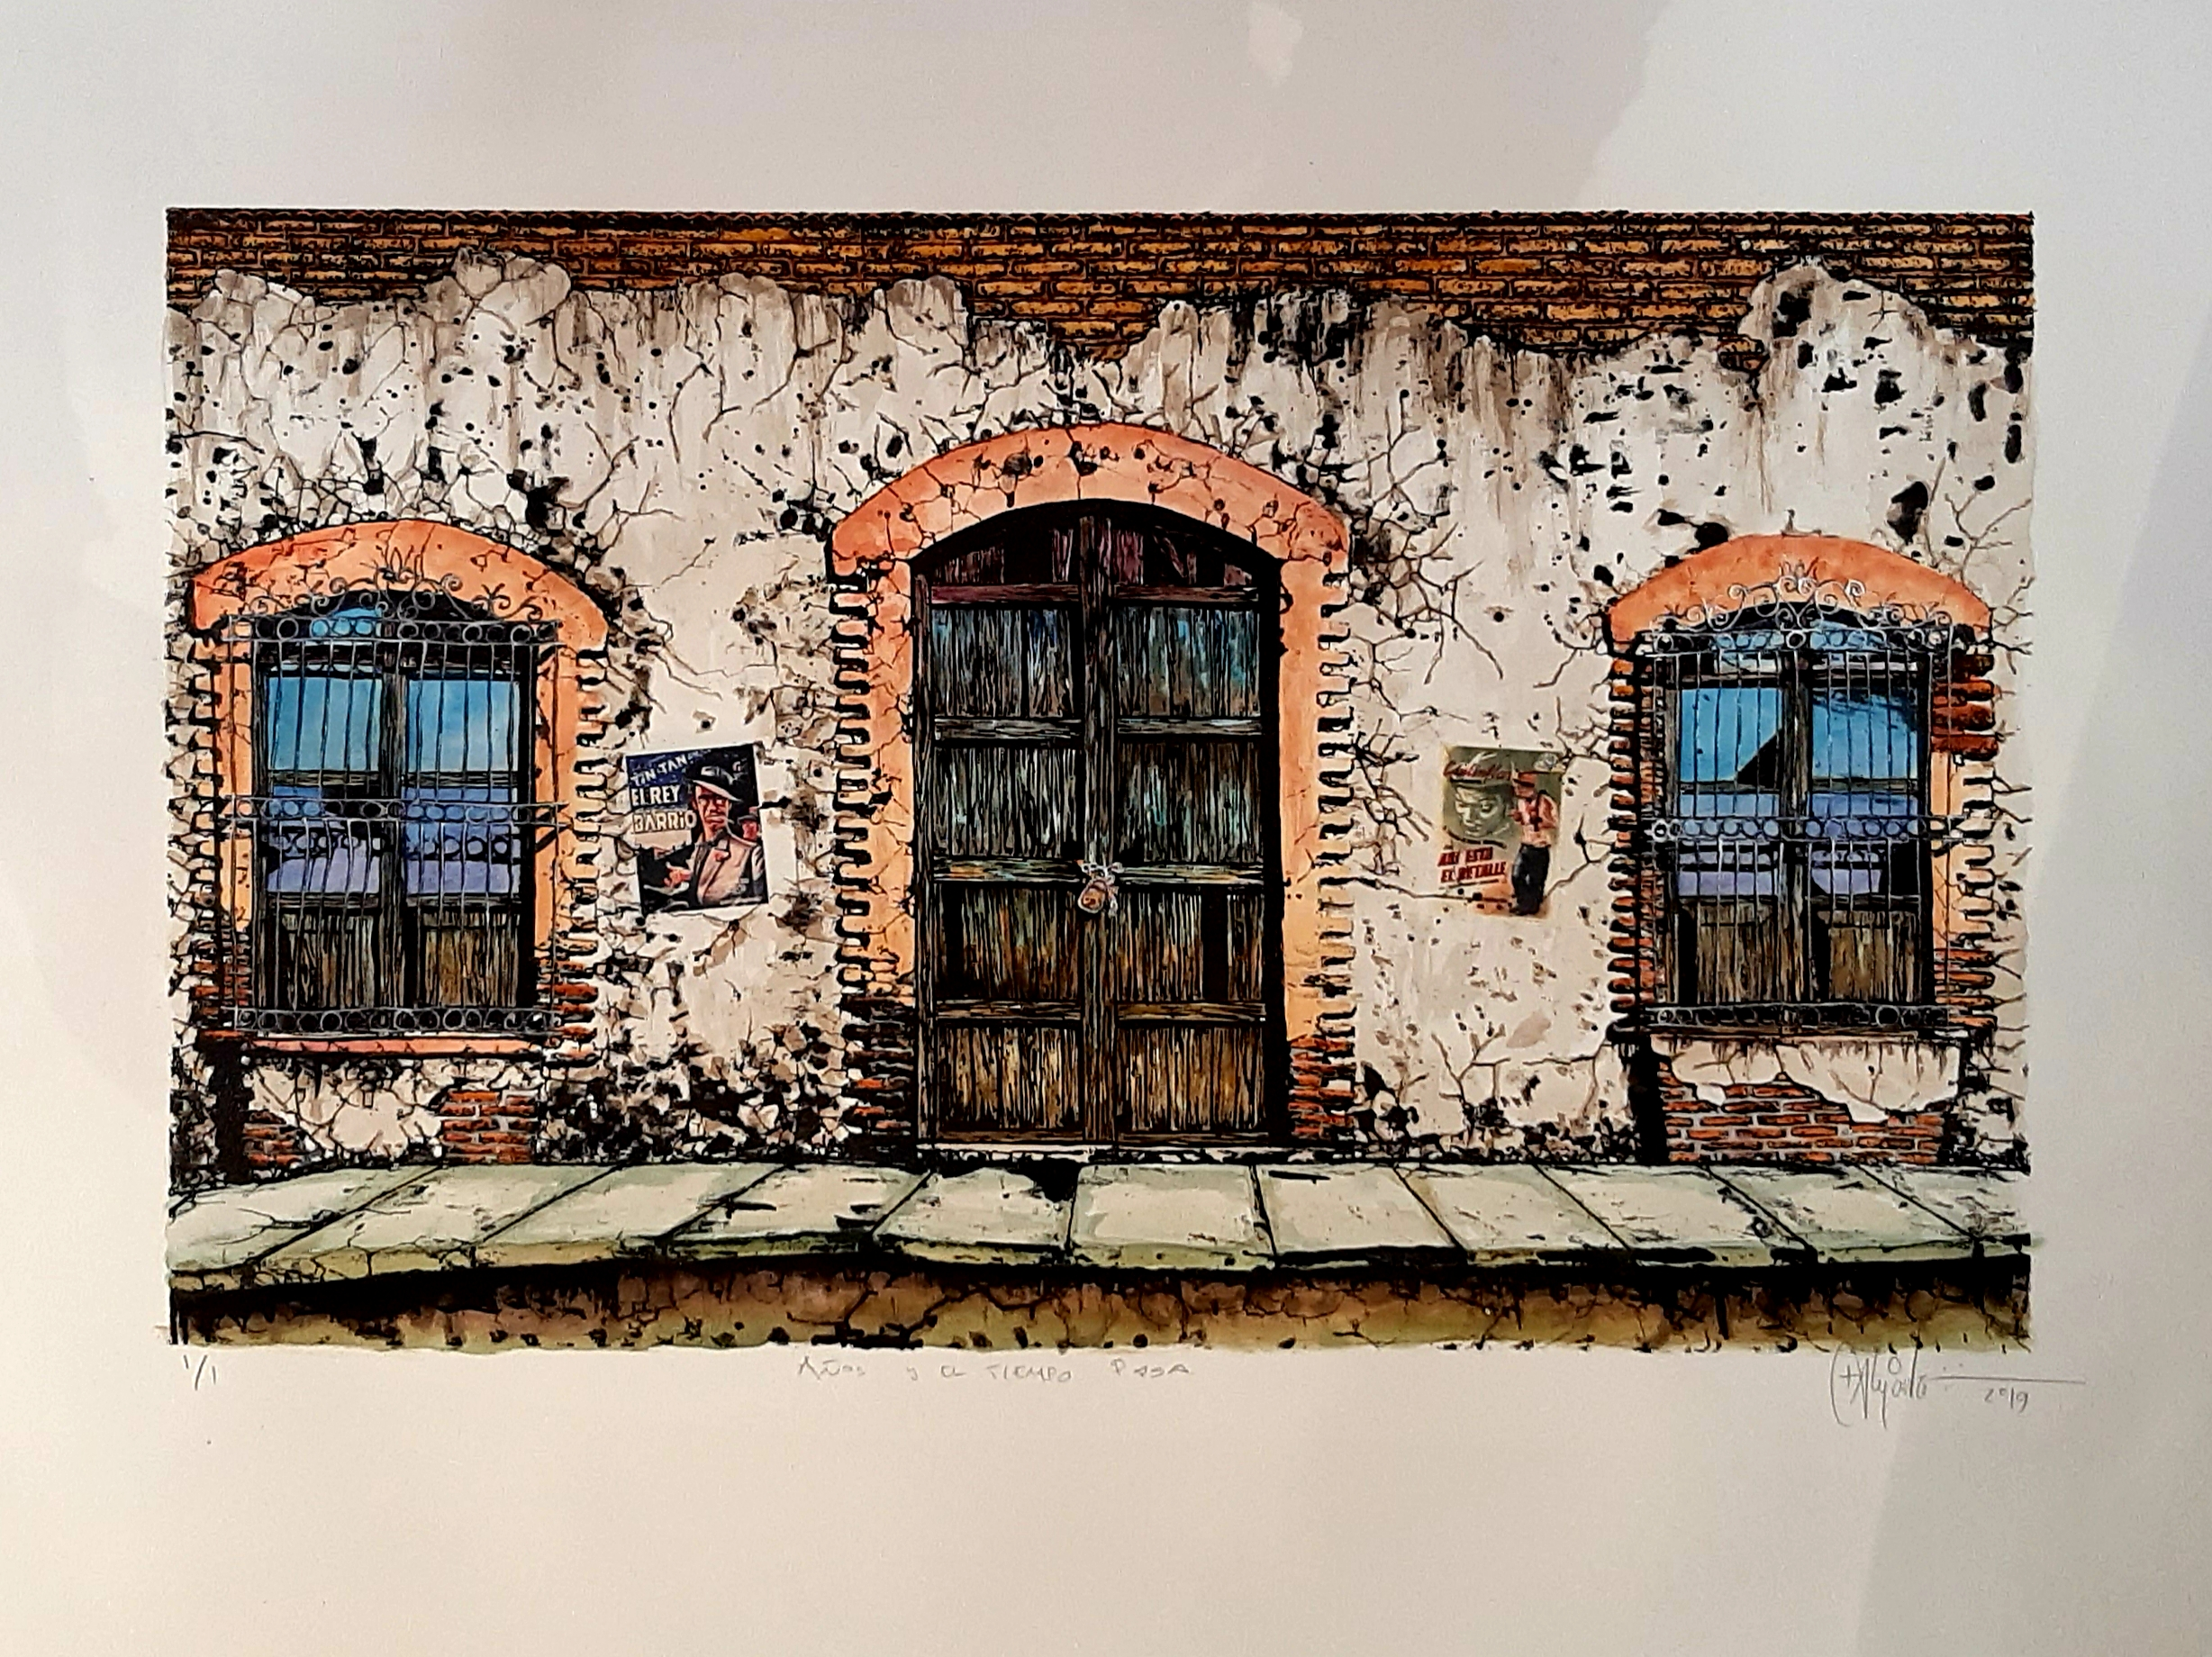 """Cruz Alejandro, """"Años y el tiempo pasa"""", Litografía intervenida con acuarela y transfer, Impresión 45x70.5 cm, Papel 70x90 cm."""